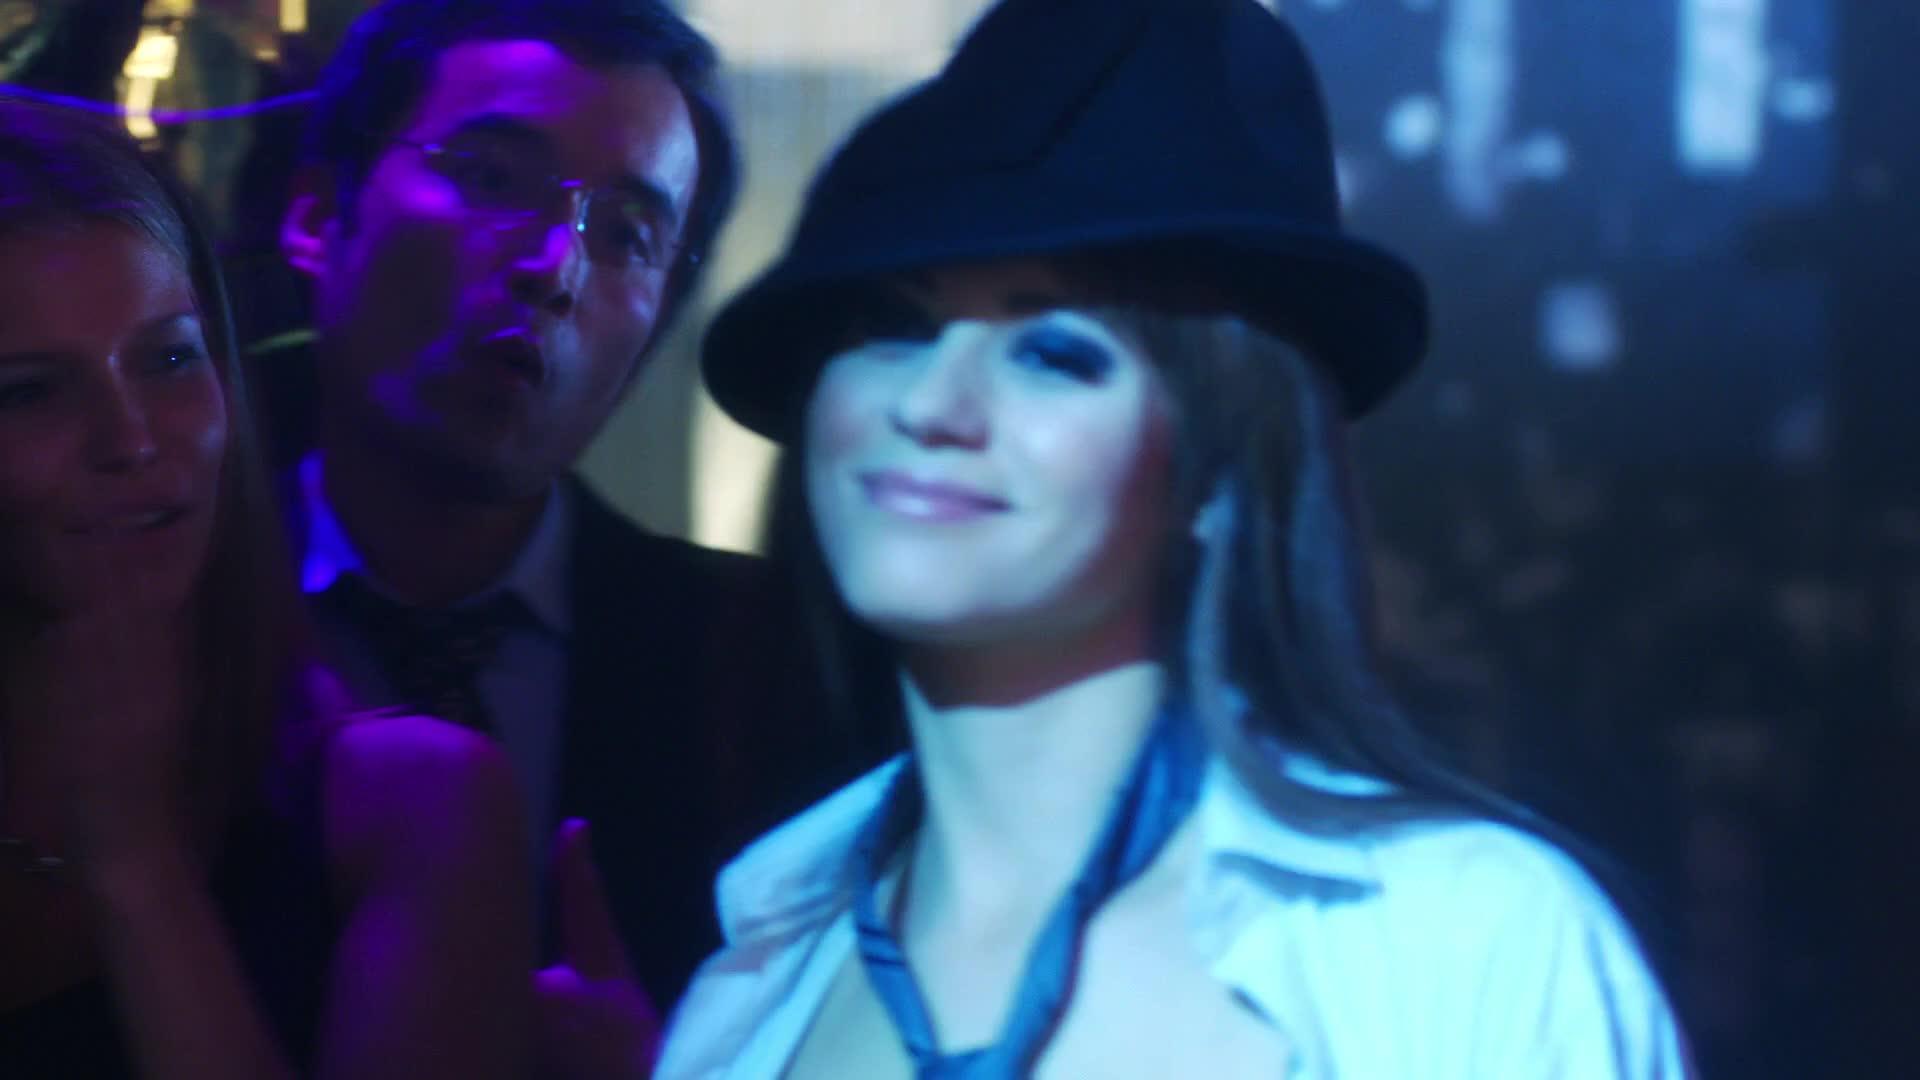 Lyndsy Fonseca pole dancing in a club